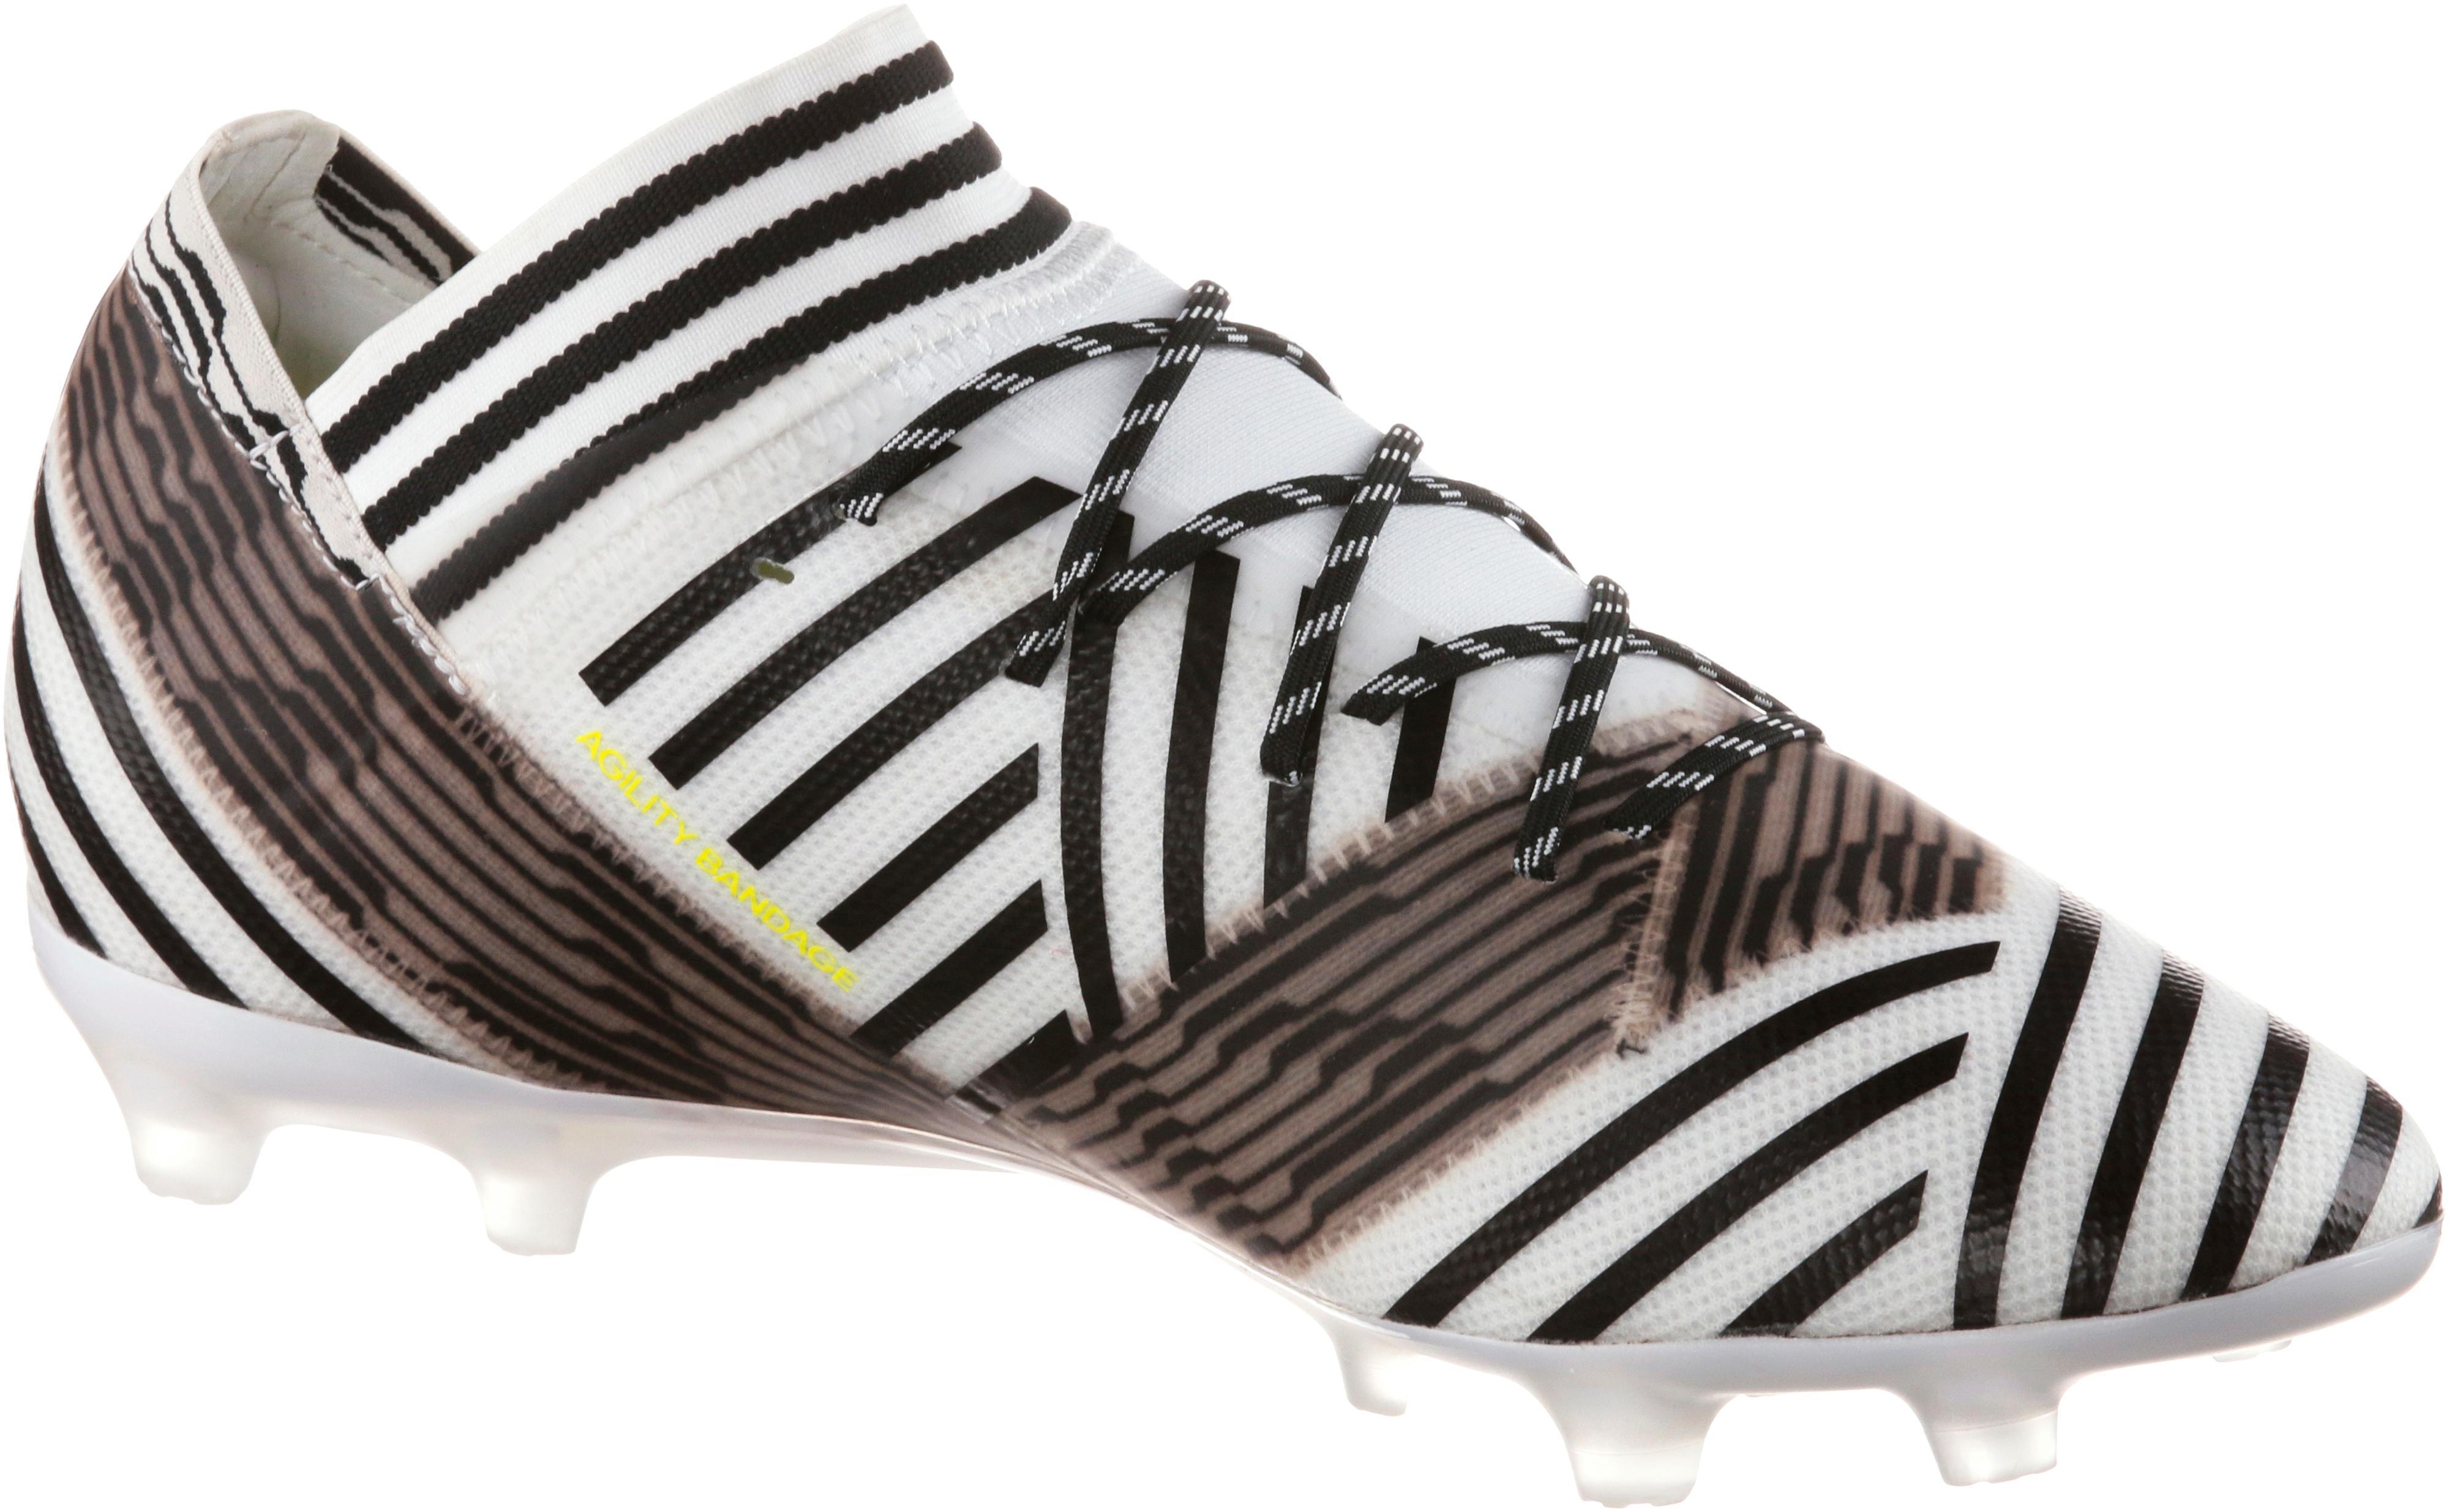 Adidas NEMEZIZ 17.2 FG Fußballschuhe Herren ftwr ftwr ftwr Weiß im Online Shop von SportScheck kaufen Gute Qualität beliebte Schuhe 436cf0